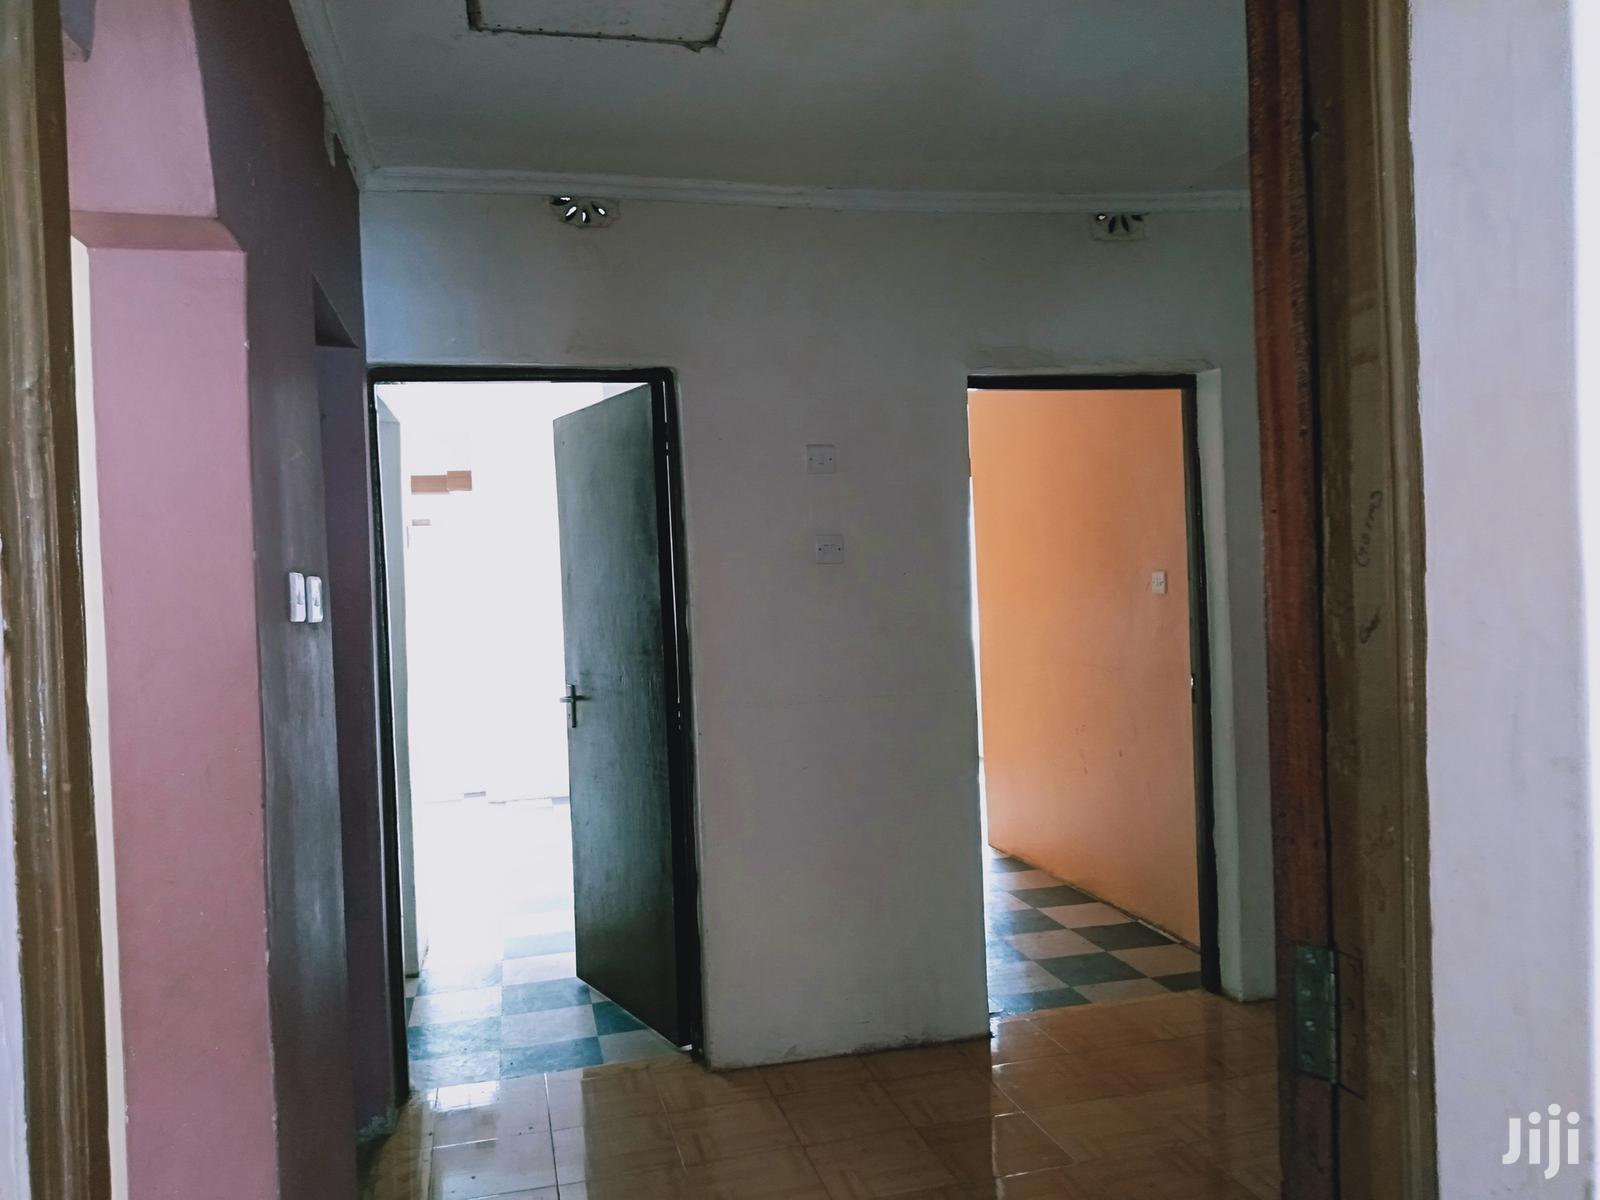 3 Bedroom Bungalow for Rental,At Membly Estate Ruiru | Houses & Apartments For Rent for sale in Membley Estate, Ruiru, Kenya